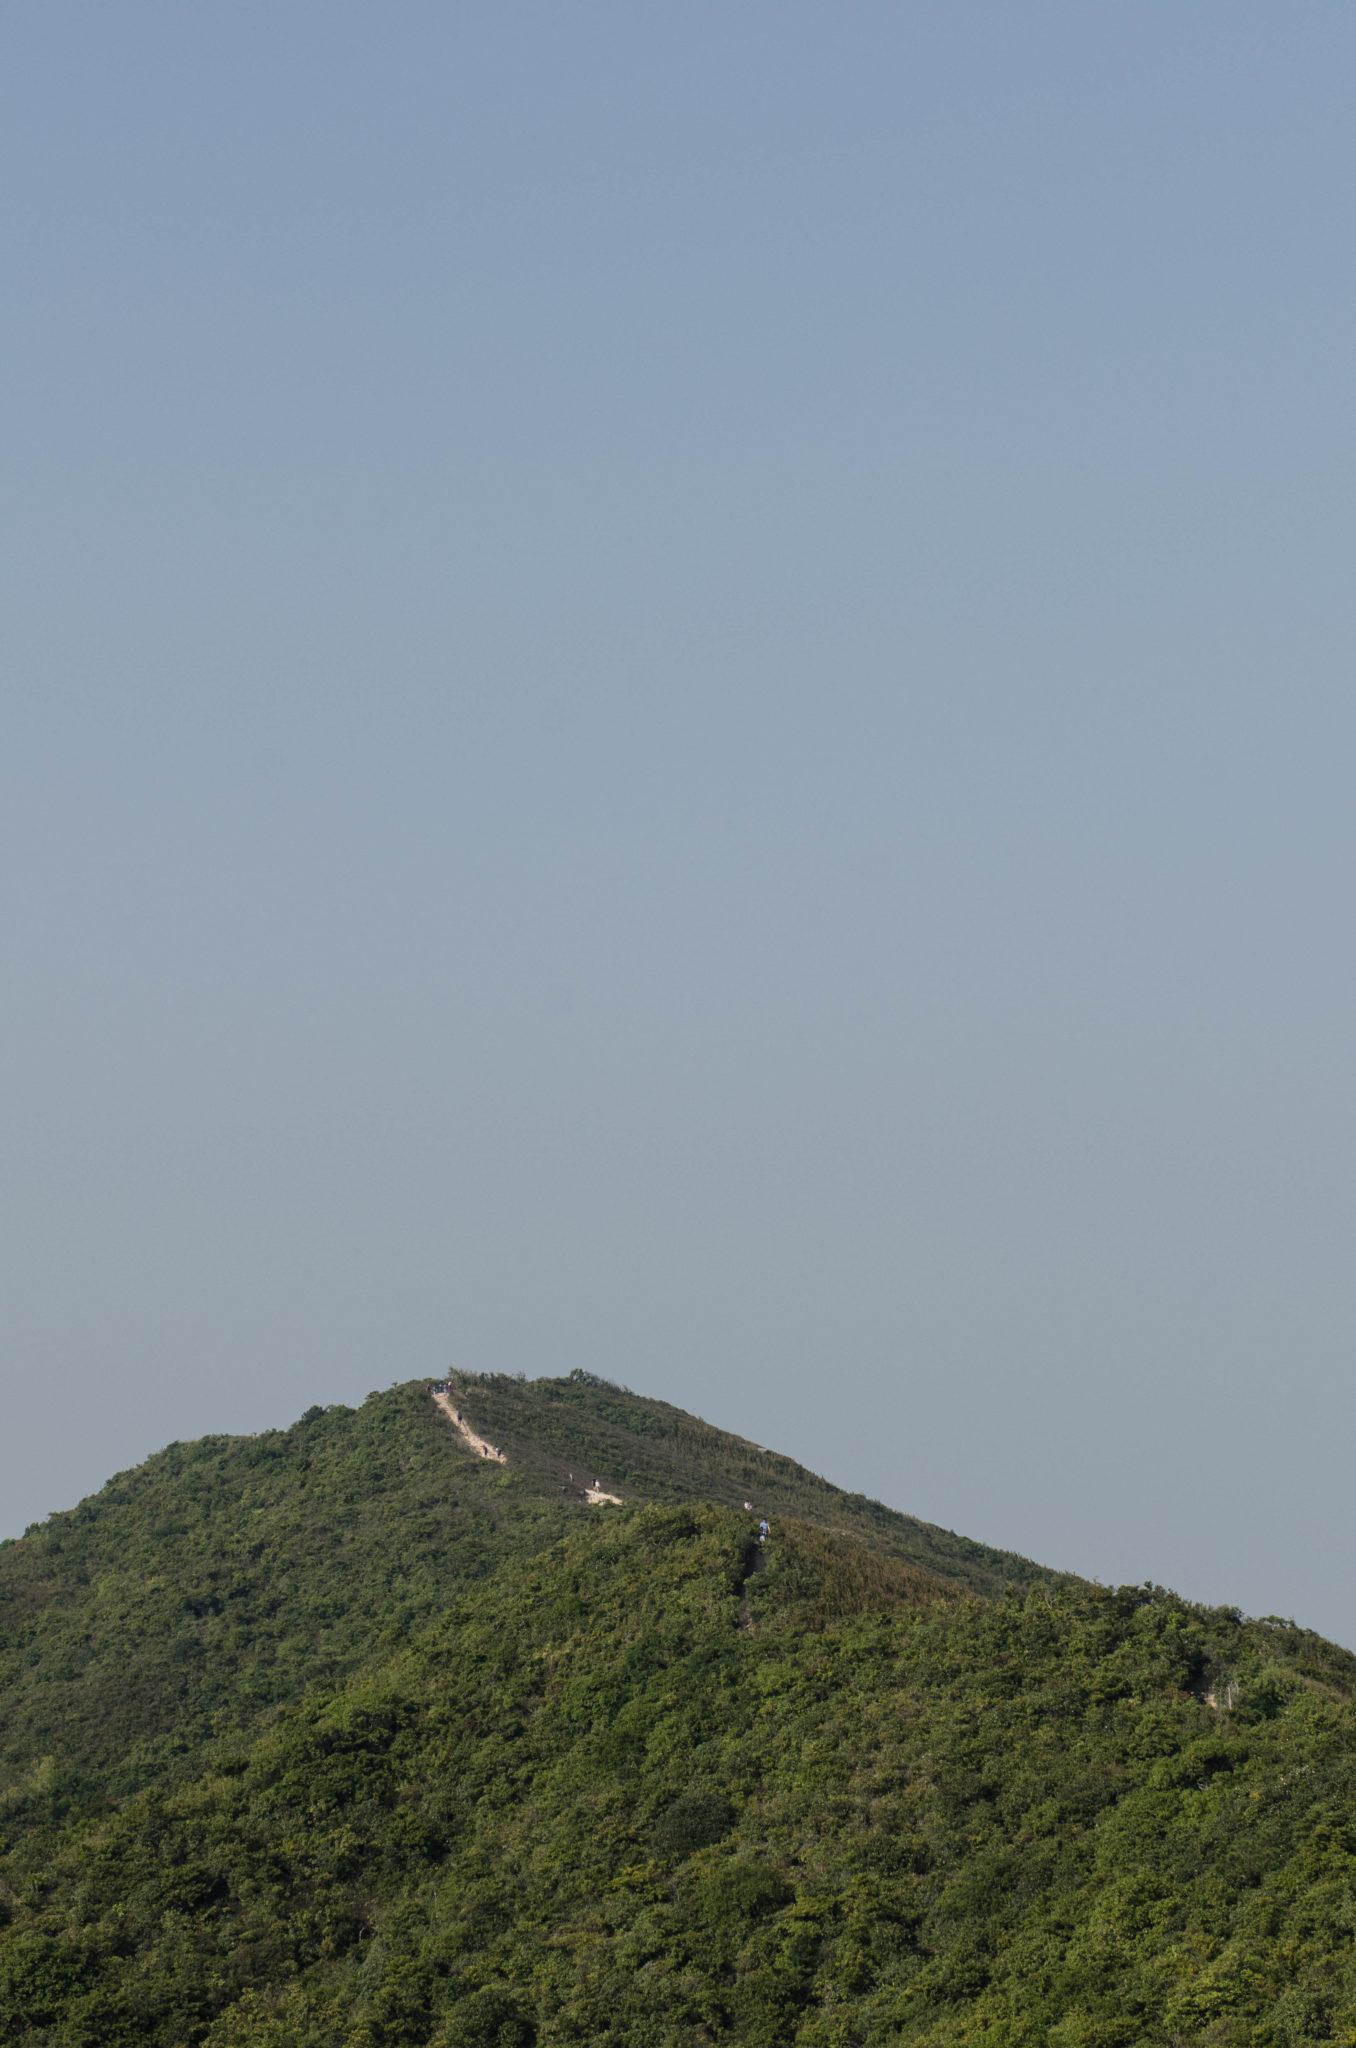 Hongkong Reisetipps: Der Dragon's Back ist ein beliebtes Ziel für Besucher, die gern wandern möchten.